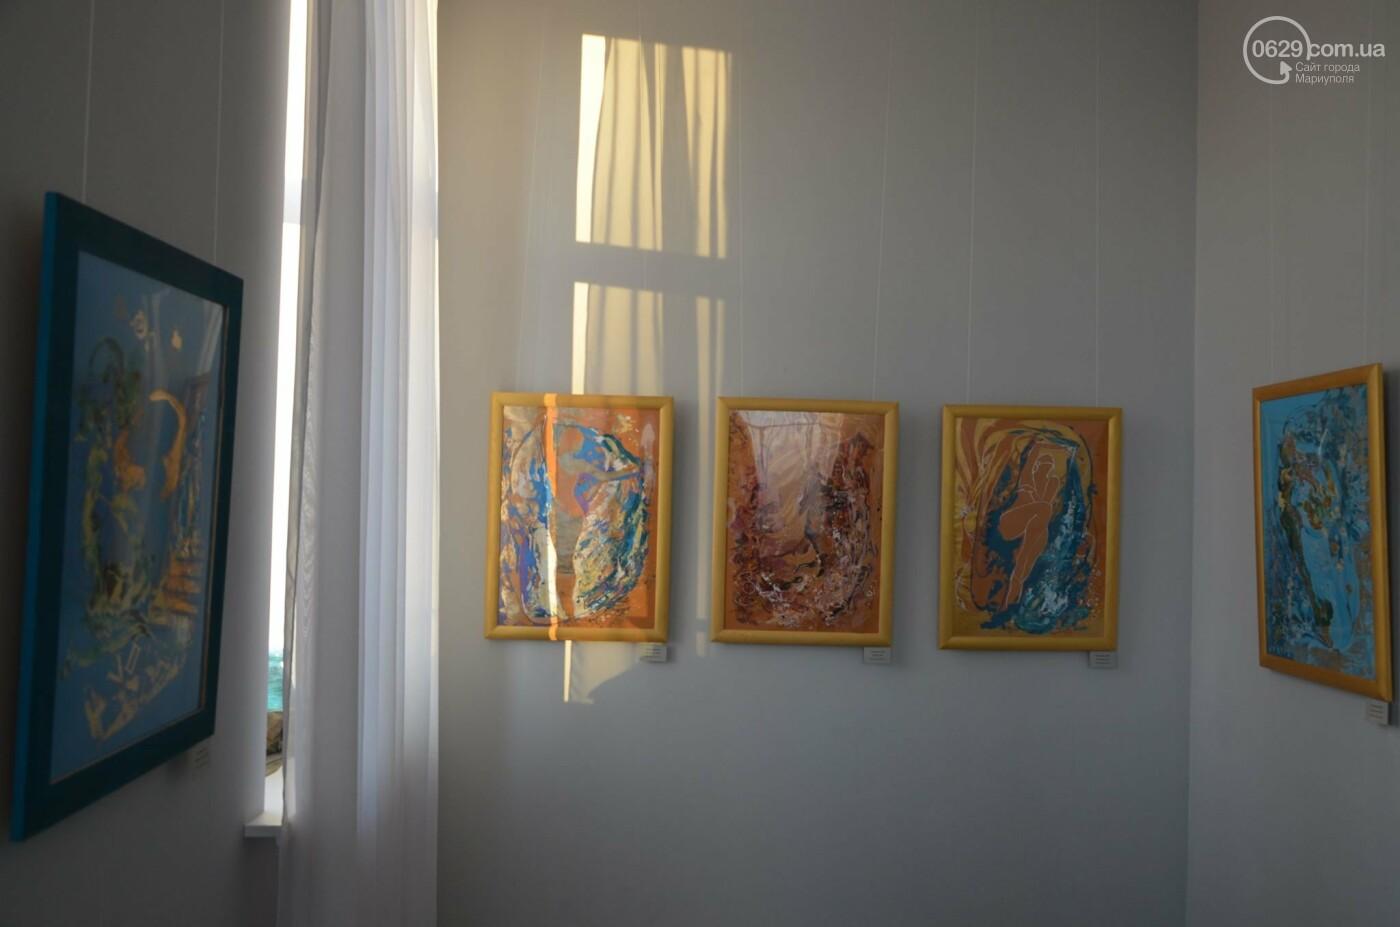 Золото на черном. Мариупольская  художница  Оксана Гнатышин  представила картины в авангардном стиле,-   ФОТО, фото-11